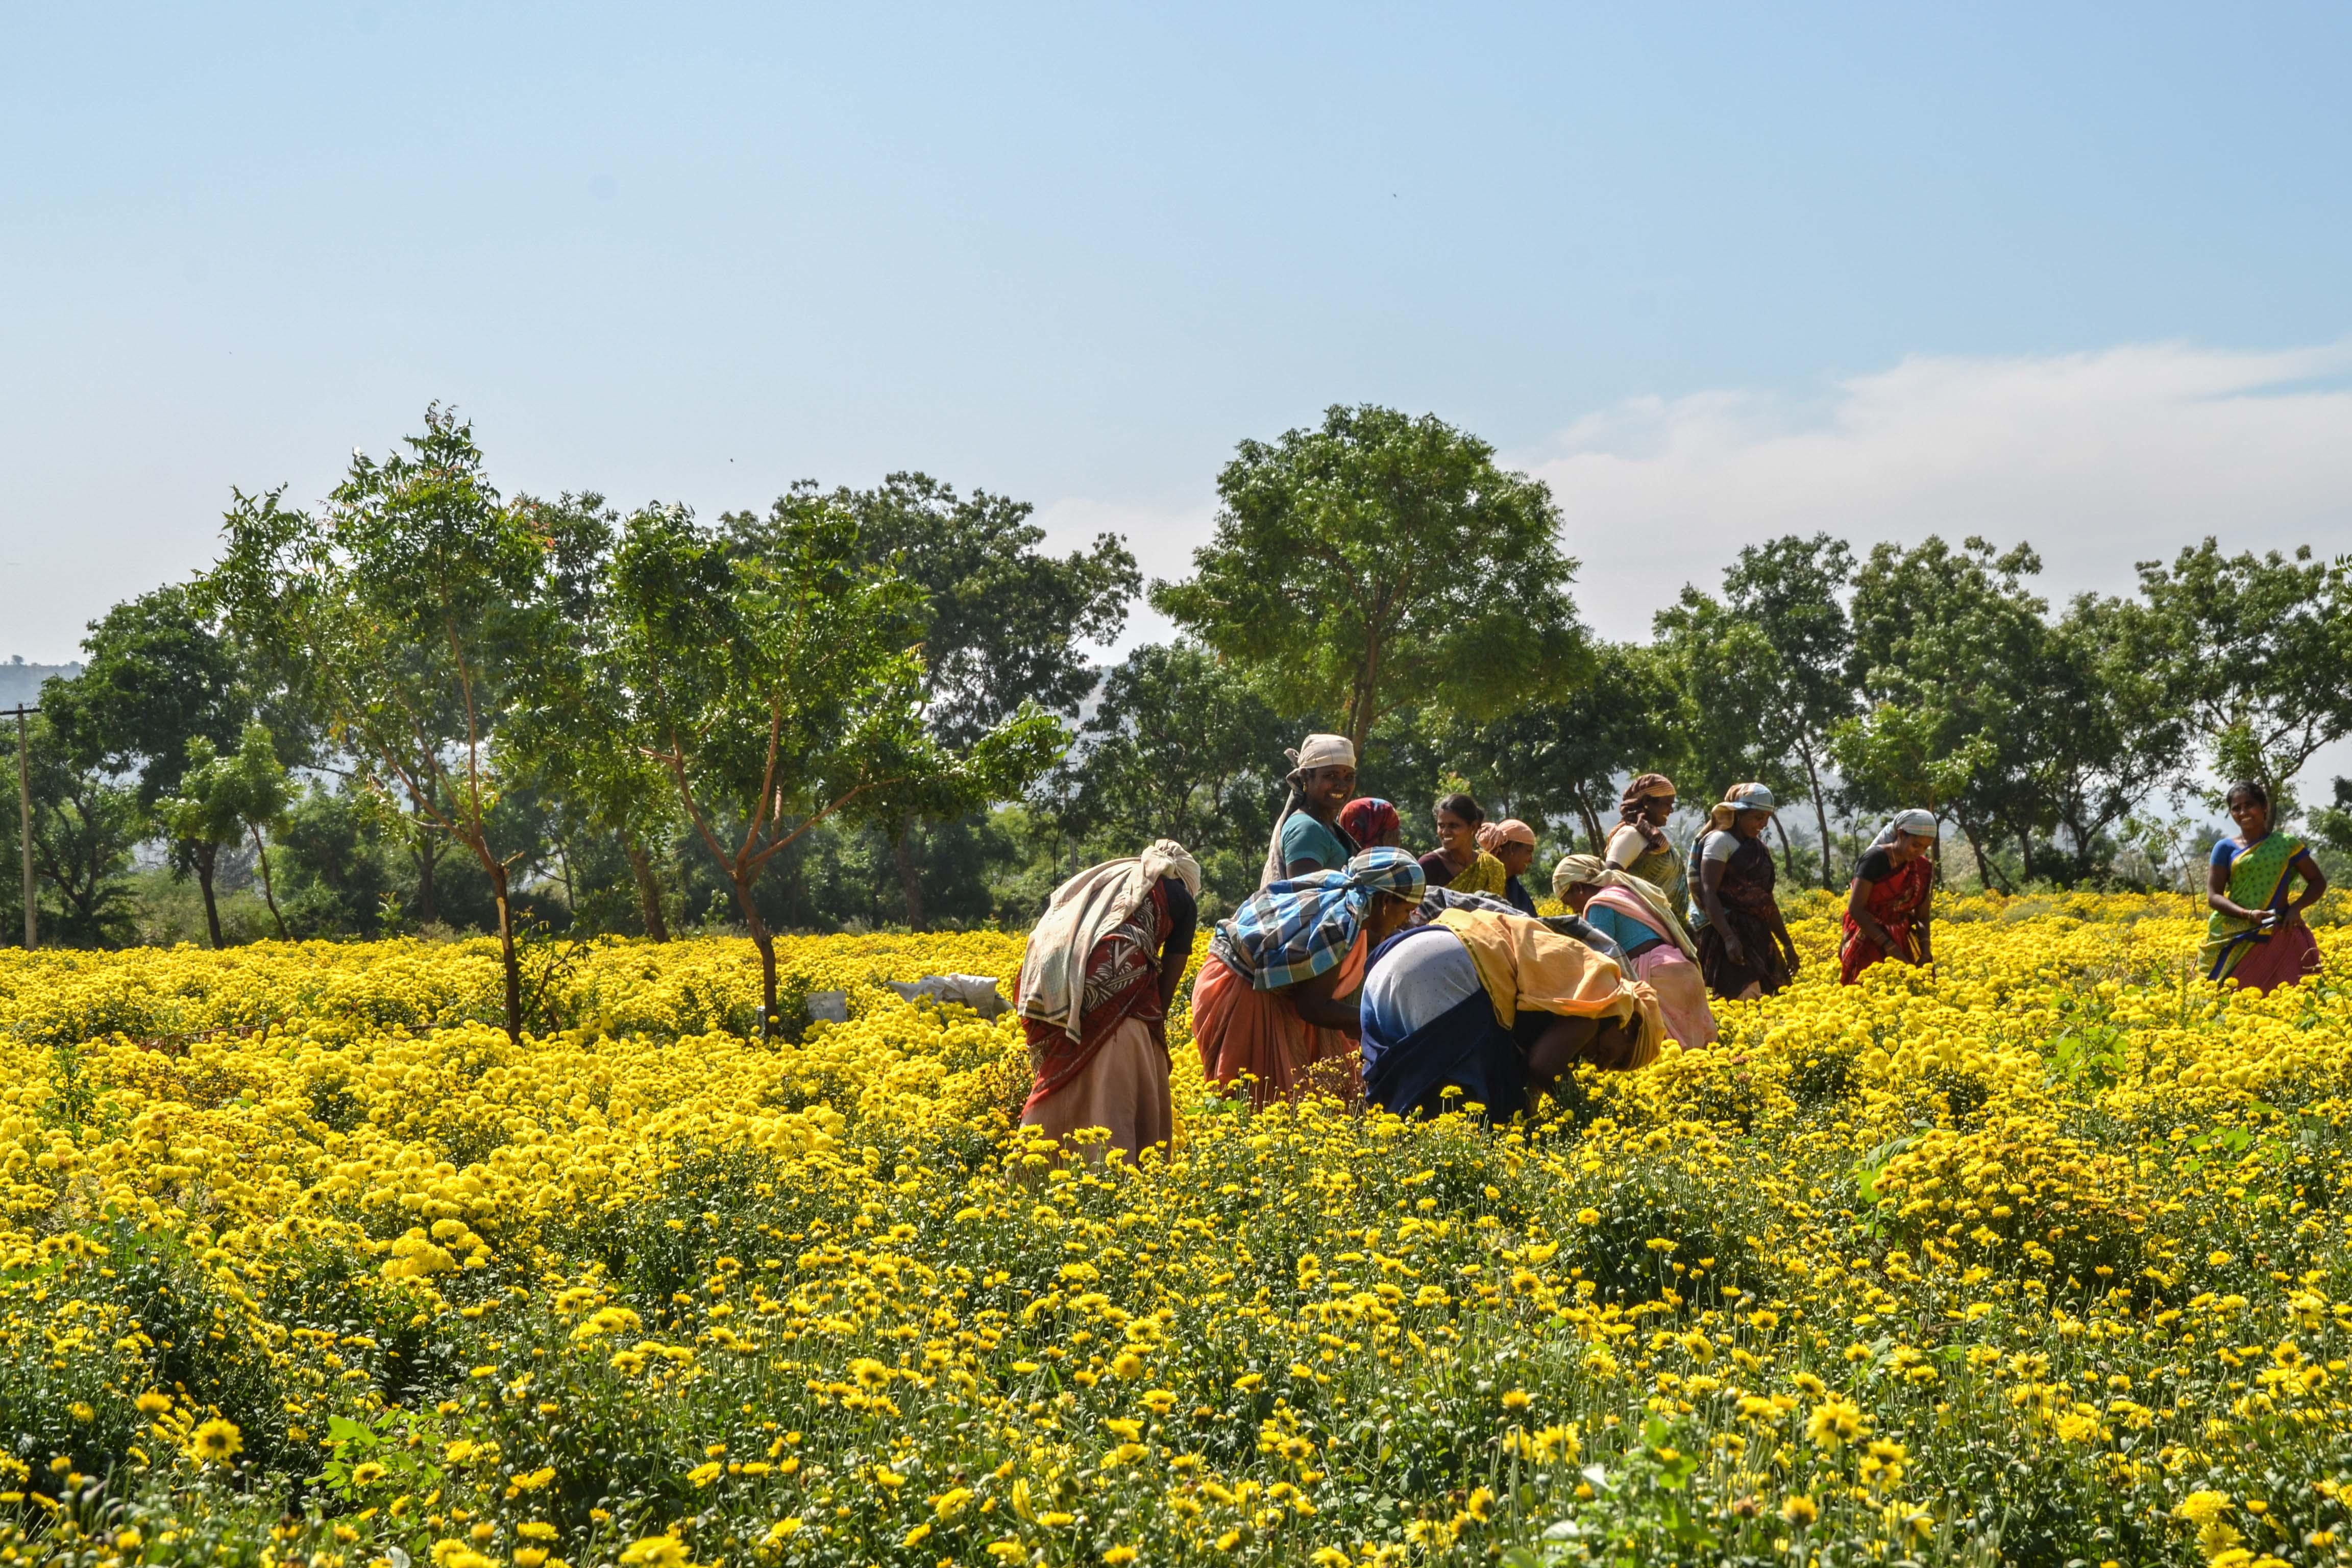 Blommorna konstbevattnas för att sedan skördas och säljas på marknaden i Nilakottai. Foto: Josefin Aldegren